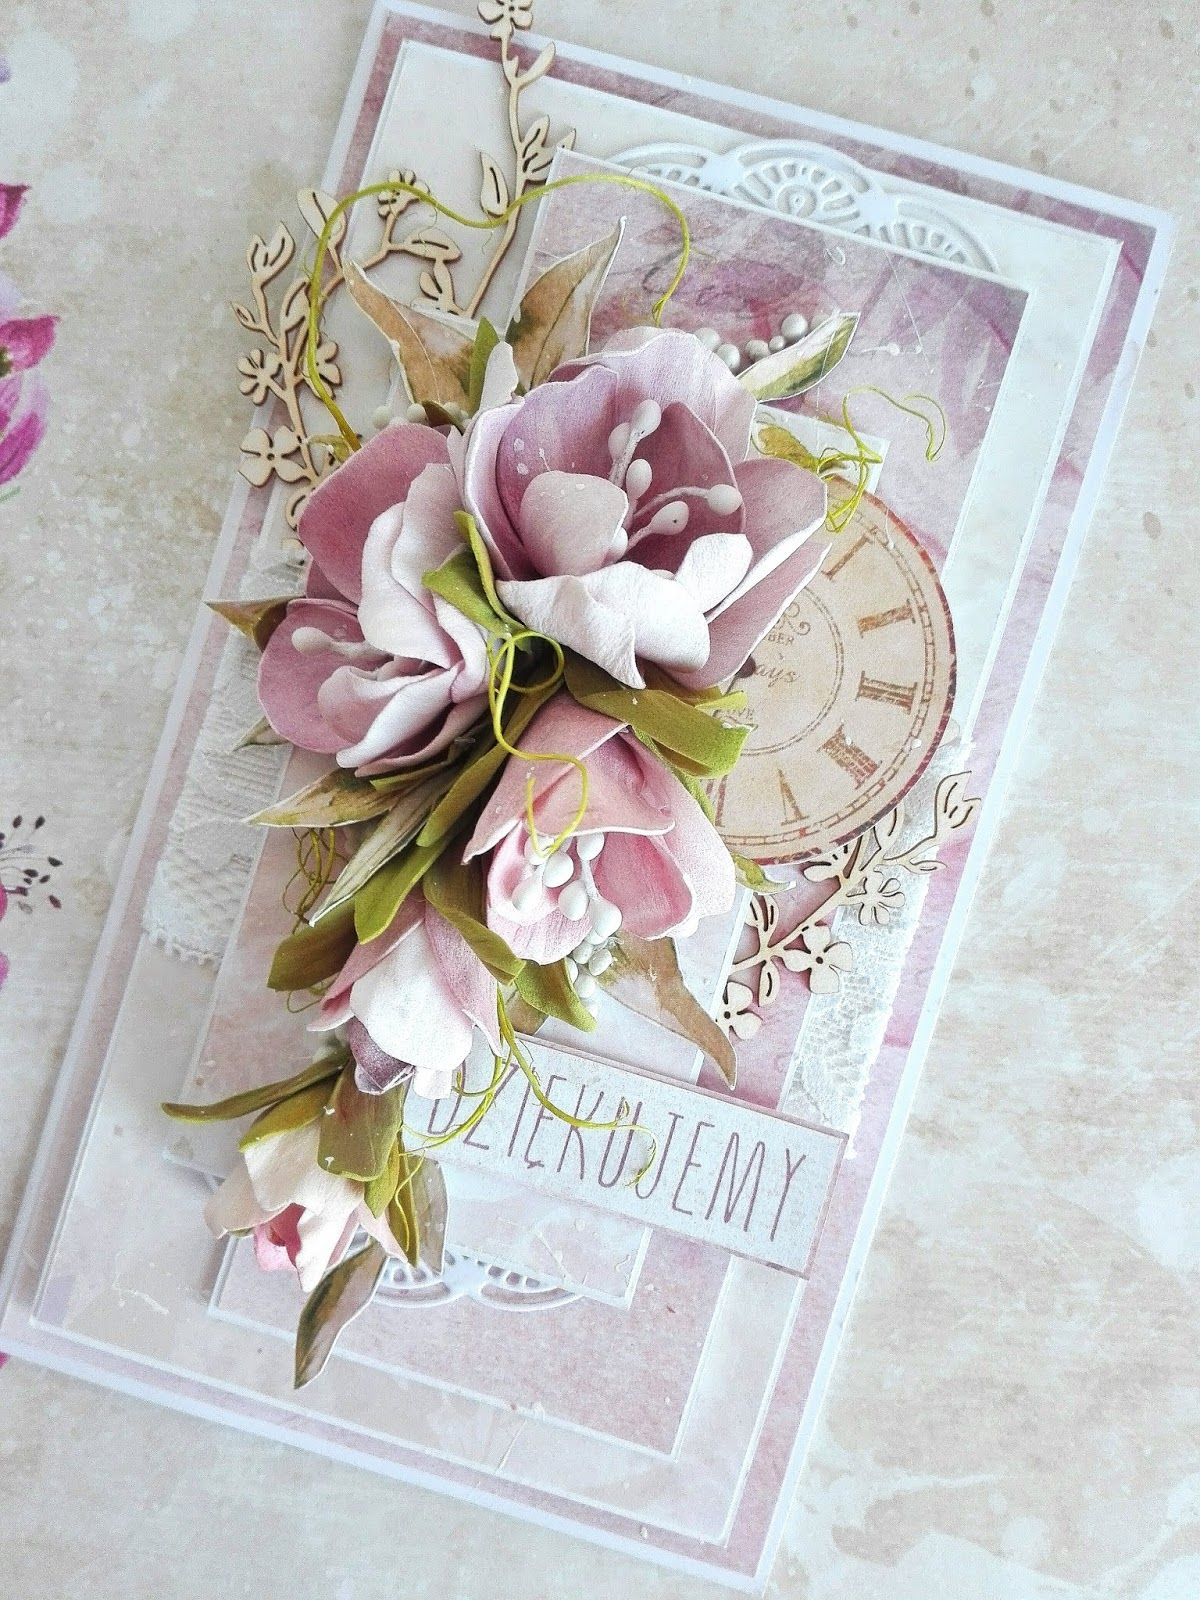 Witajcie Koniec Roku Szkolnego Juz Wkrotce Z Tej Okazji Chce Pokazac Wam Kartke Dla Przemilej Nauczycielki Pani Aliny Flower Cards Floral Cards Wedding Cards